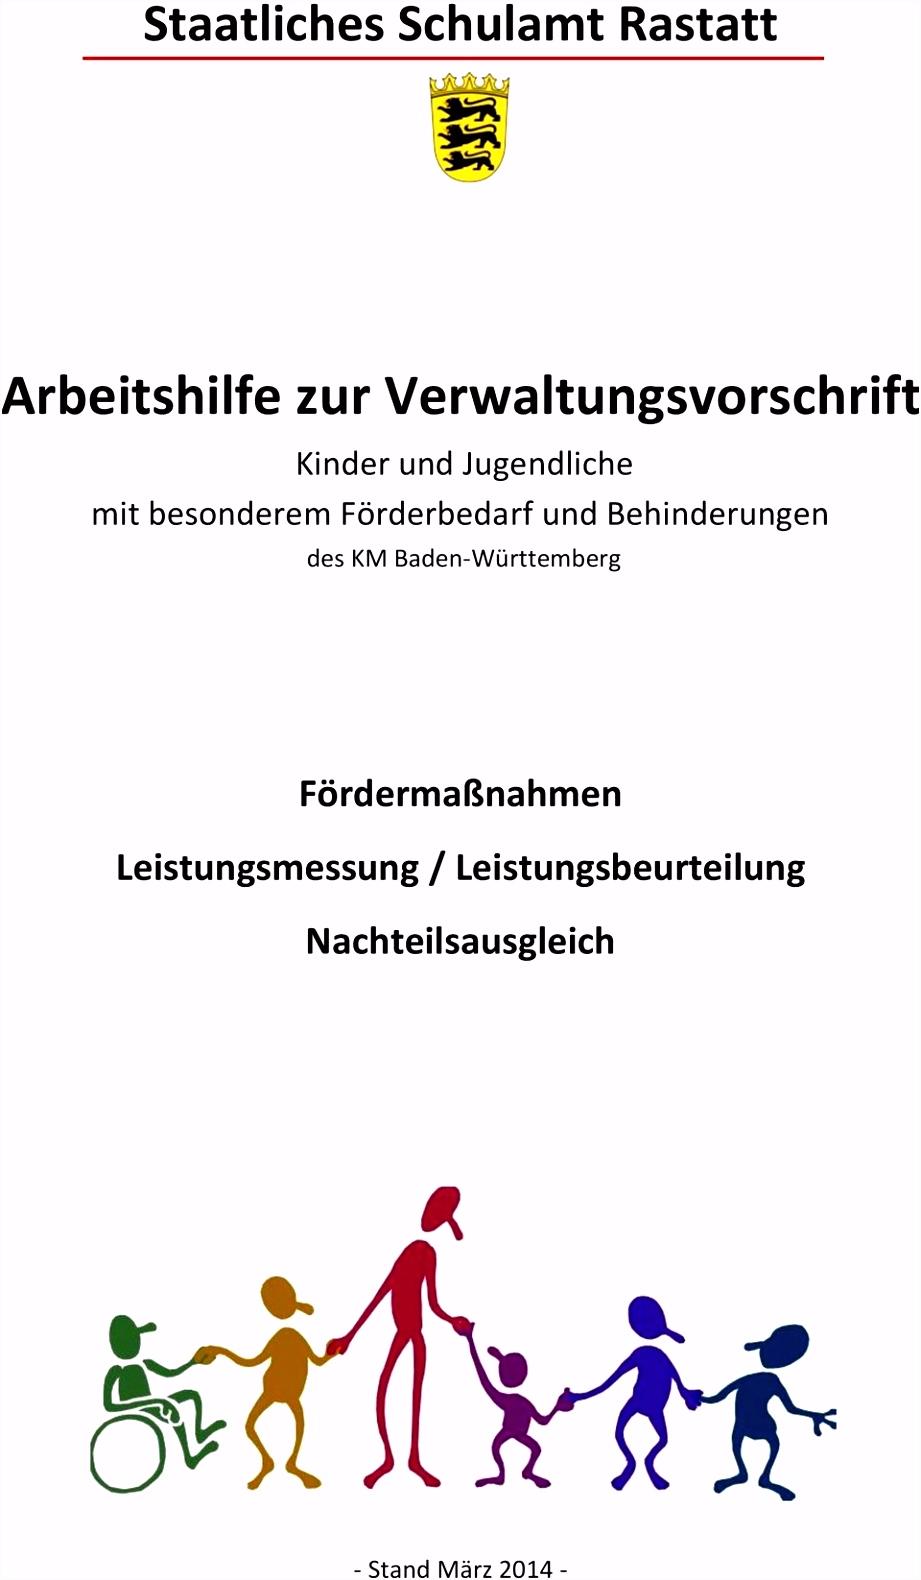 Arbeitshilfe zur Verwaltungsvorschrift PDF